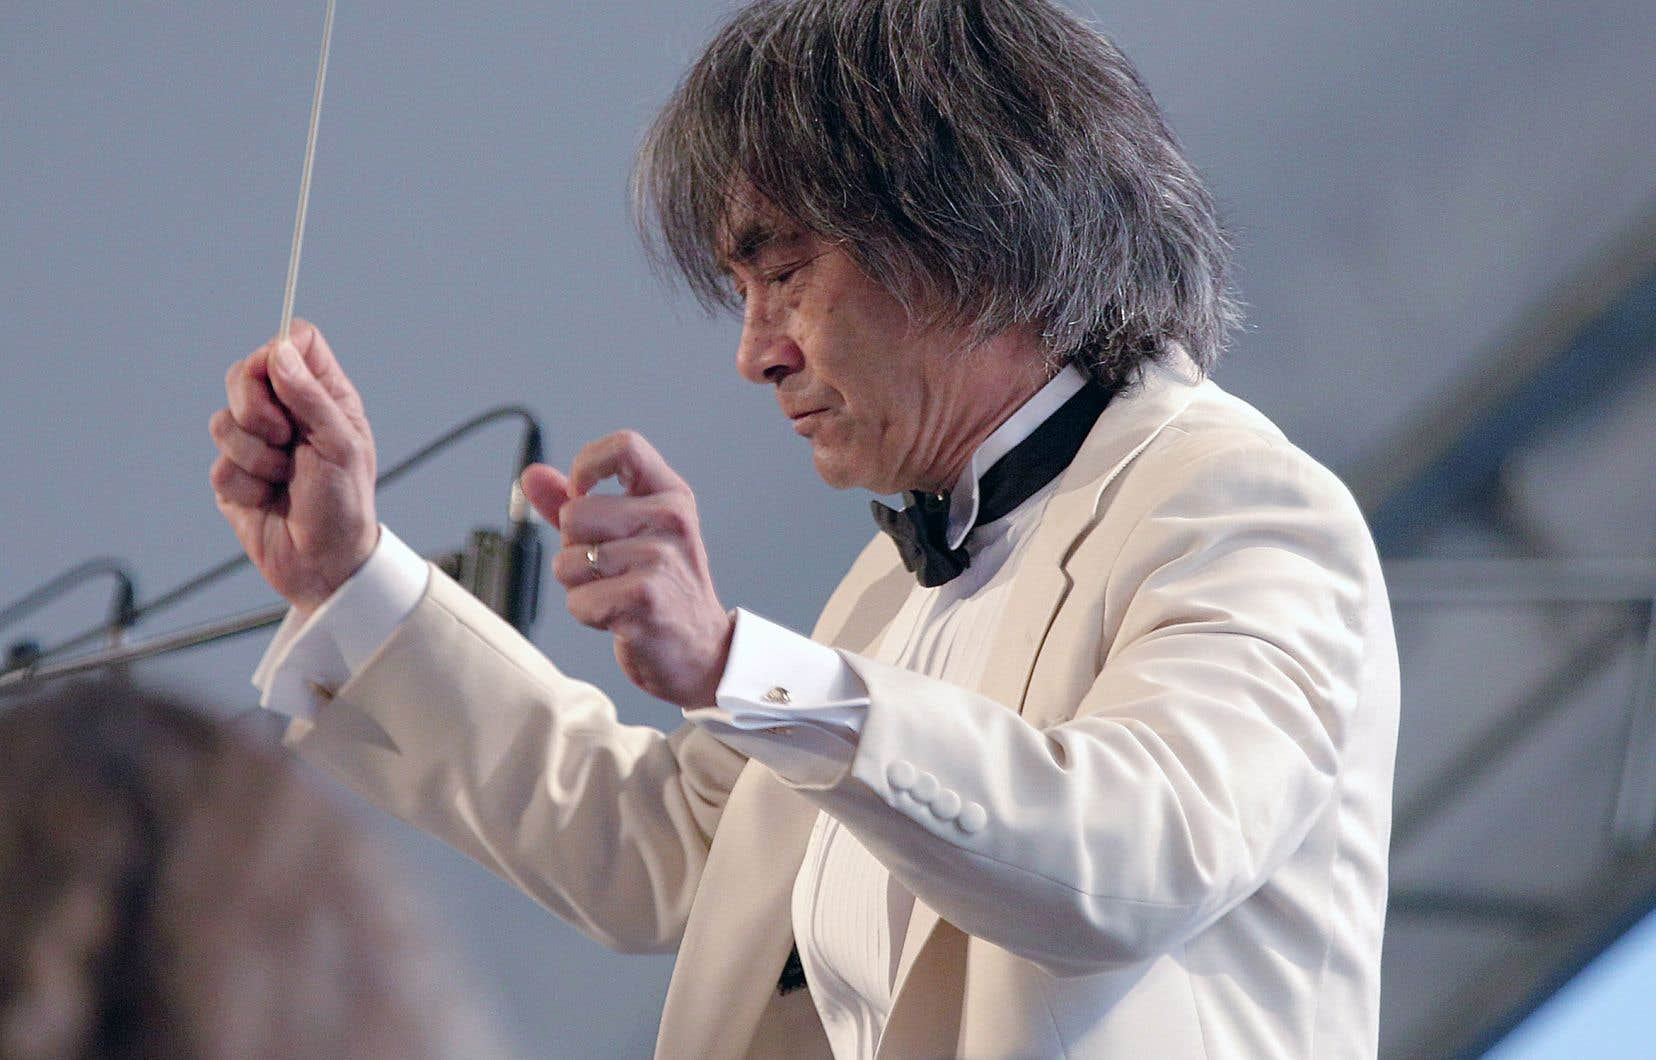 Kent Nagano fera ses adieux à Montréal aux sons de la symphonie «Résurrection» de Mahler les 2, 3 et 4juin 2020.